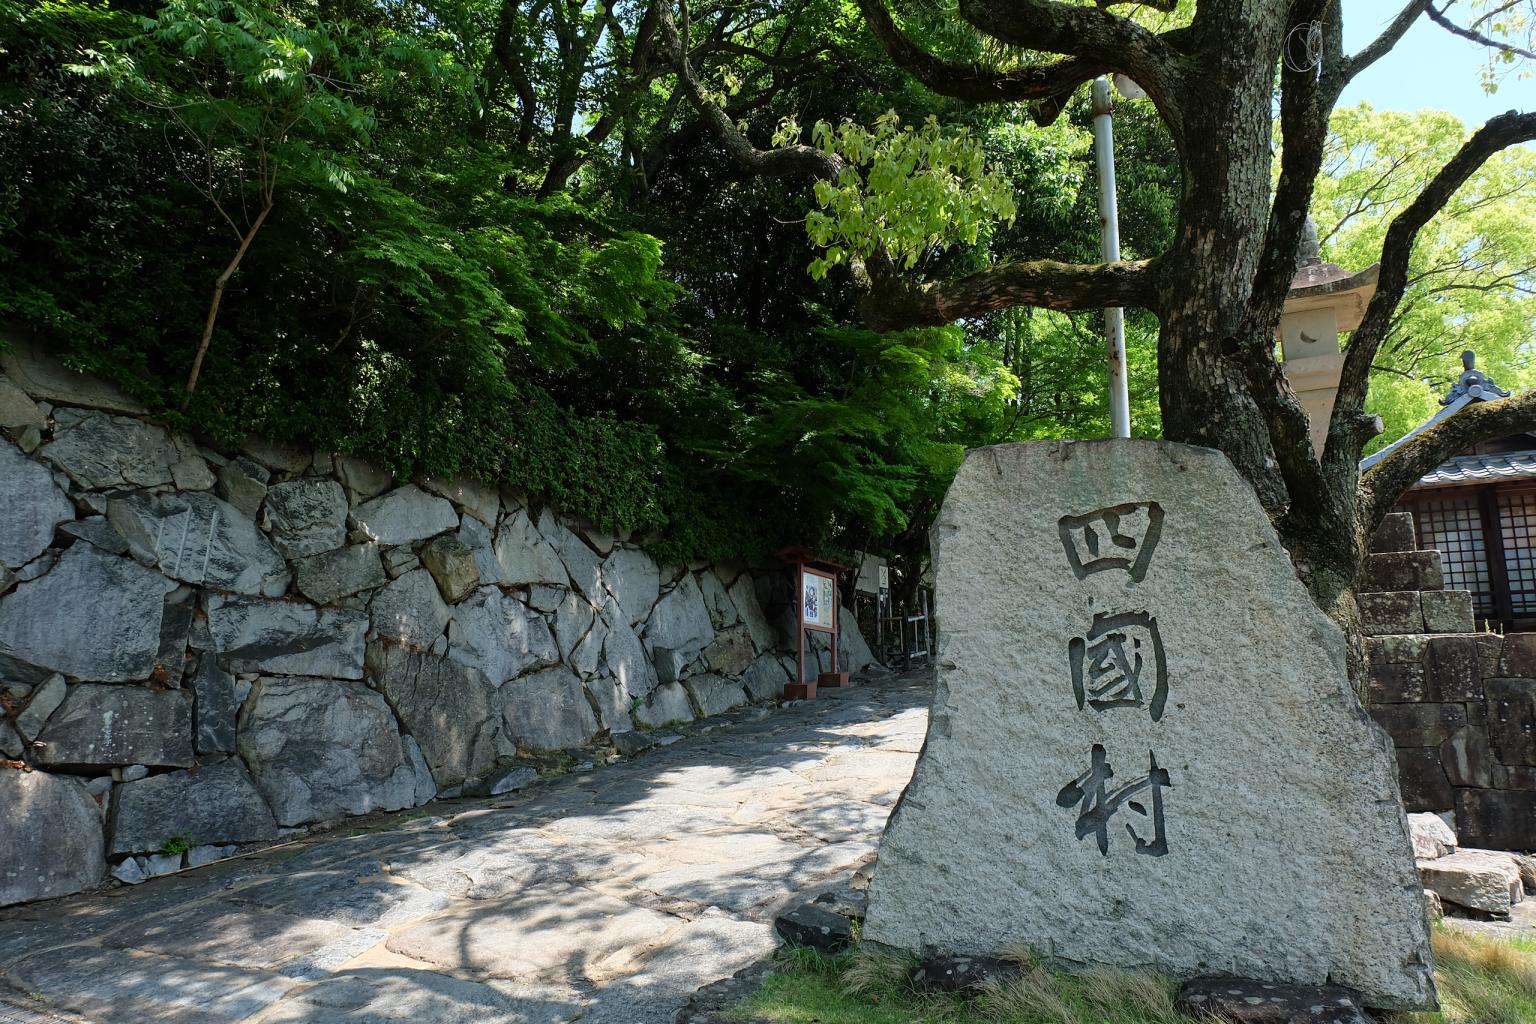 Shikoku-Mura Village